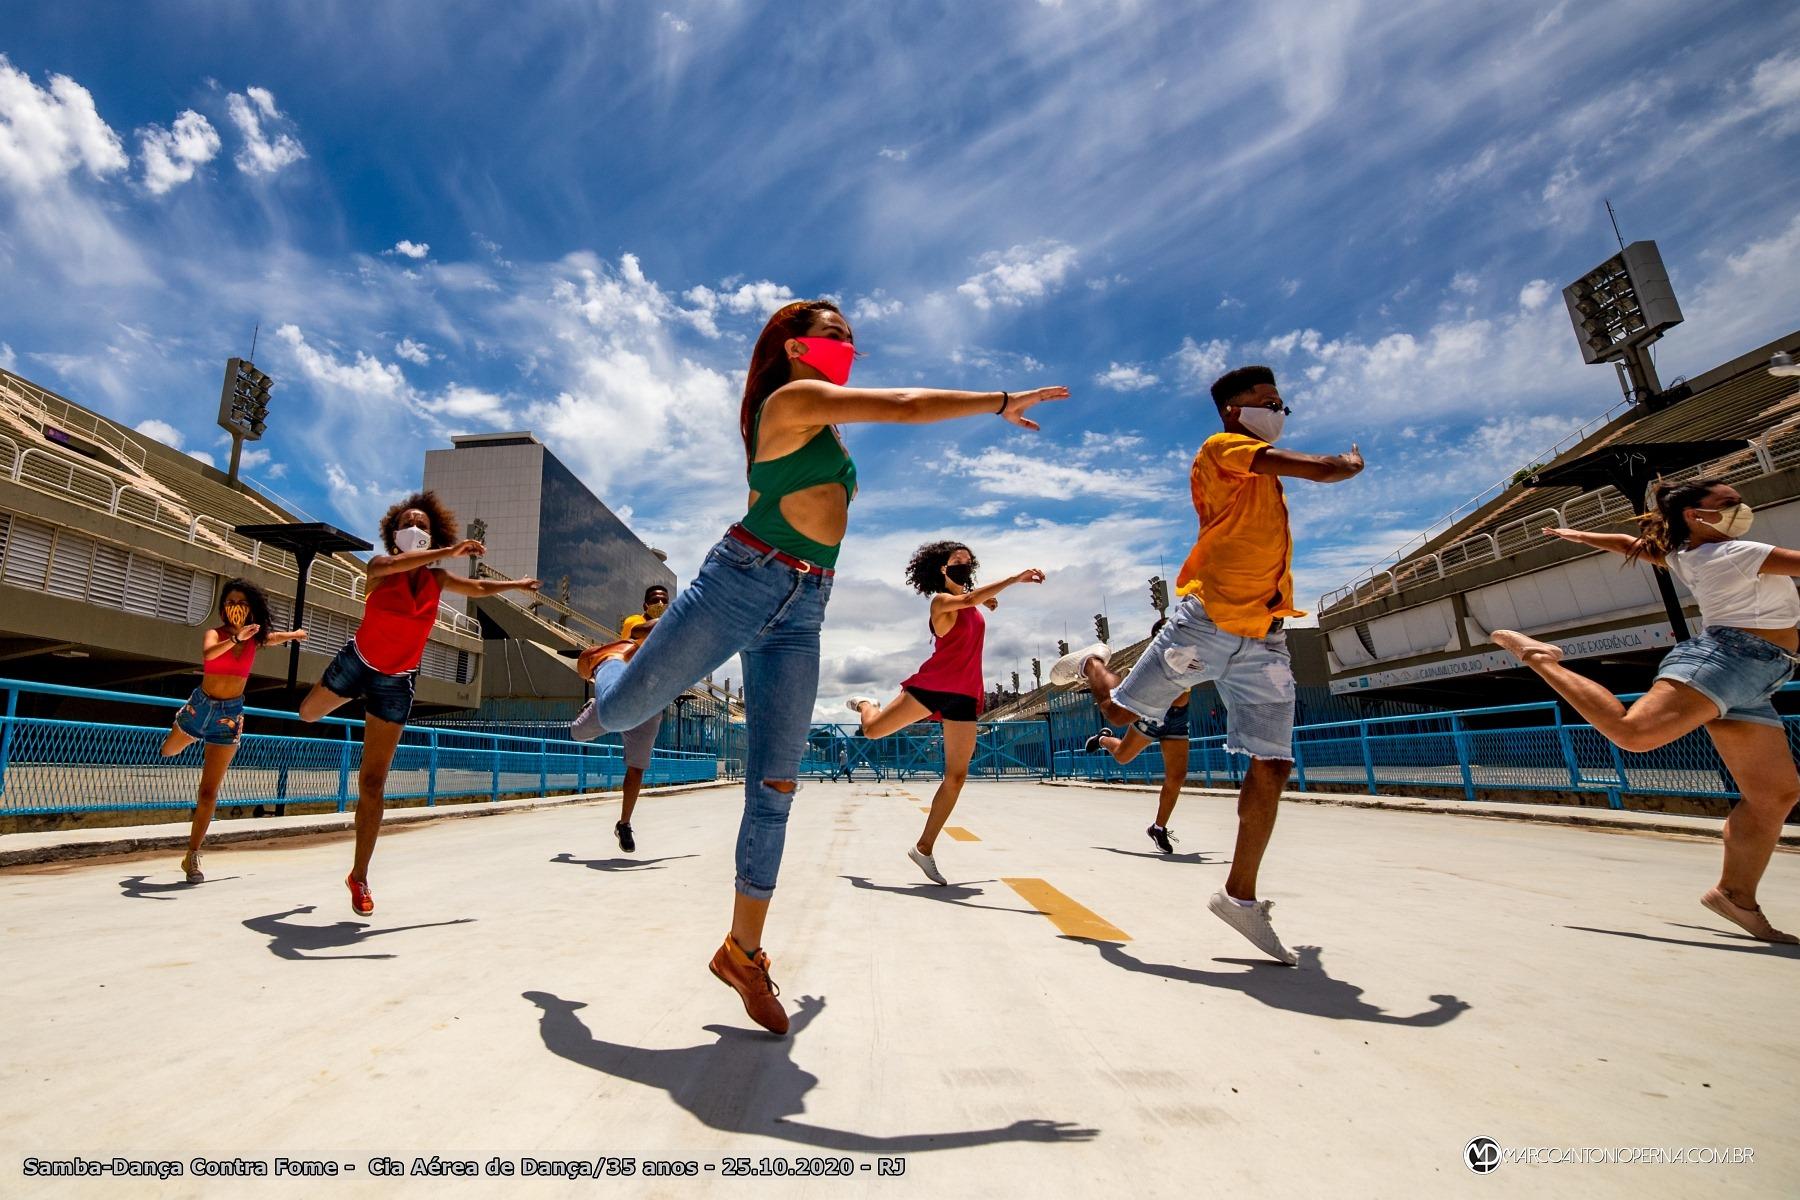 Samba-Dança Contra Fome - Cia Aérea de Dança/35 anos 25.10.2020 Sambódromo - Rio de Janeiro - RJ